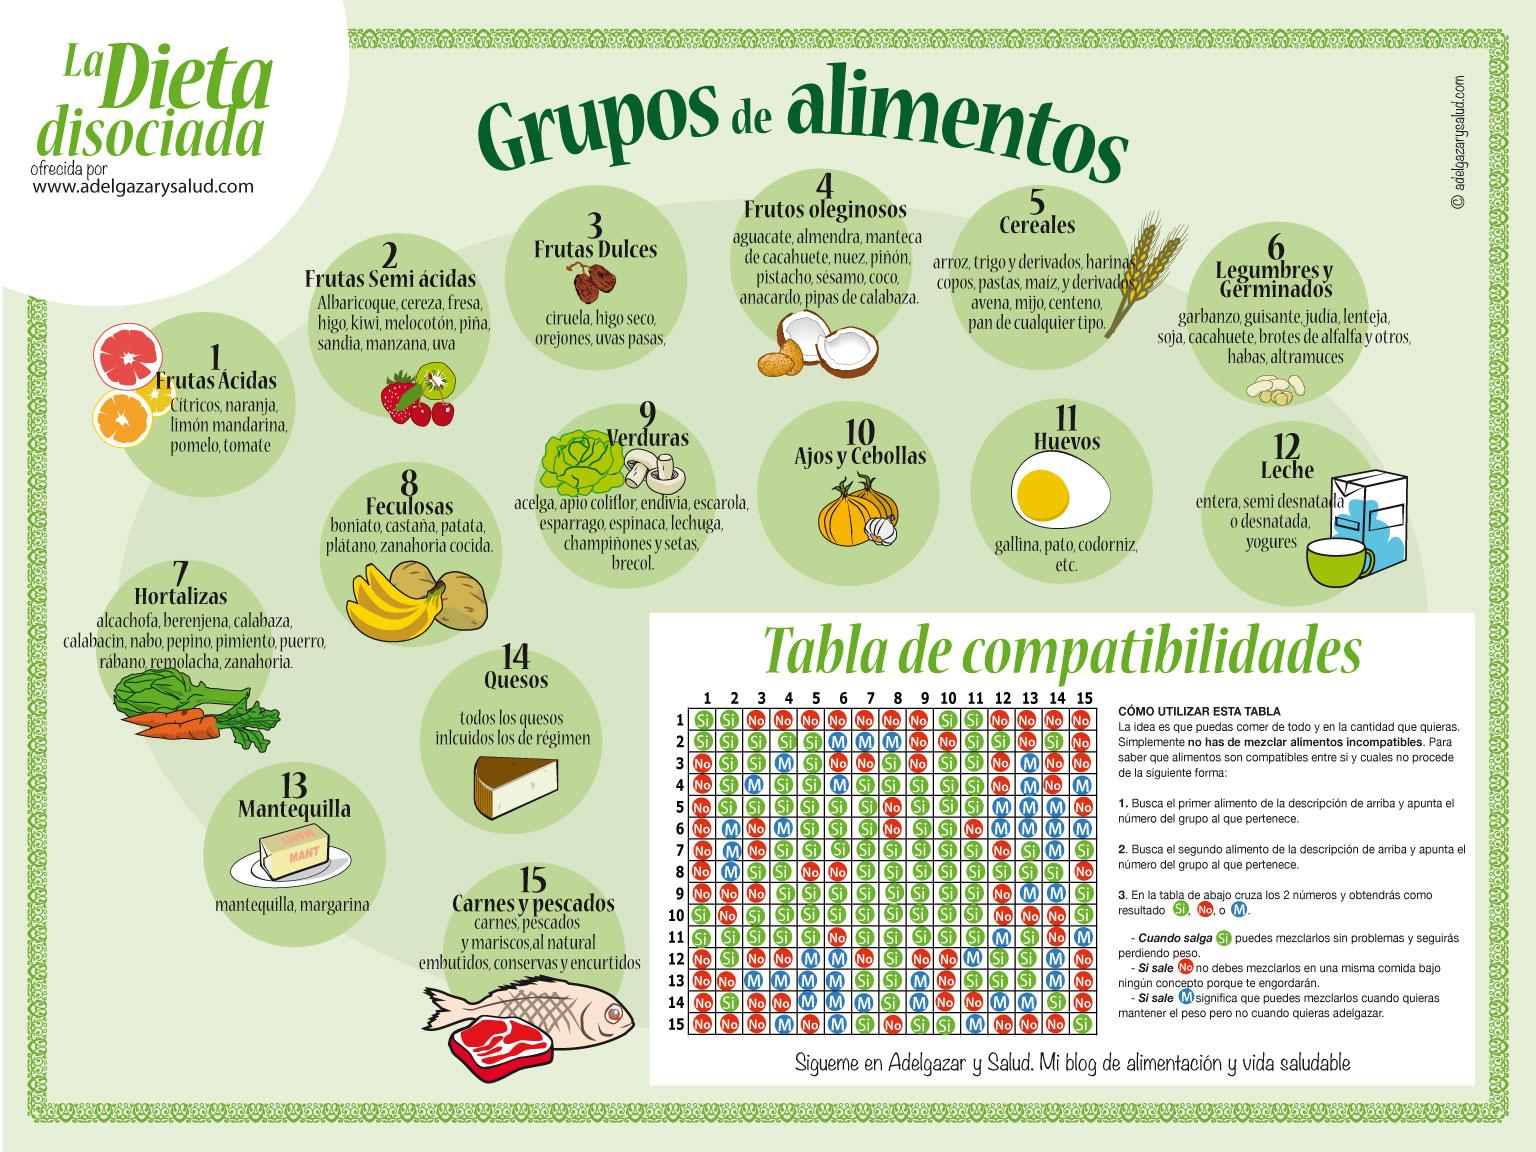 ejemplos de cenas dieta disociadas